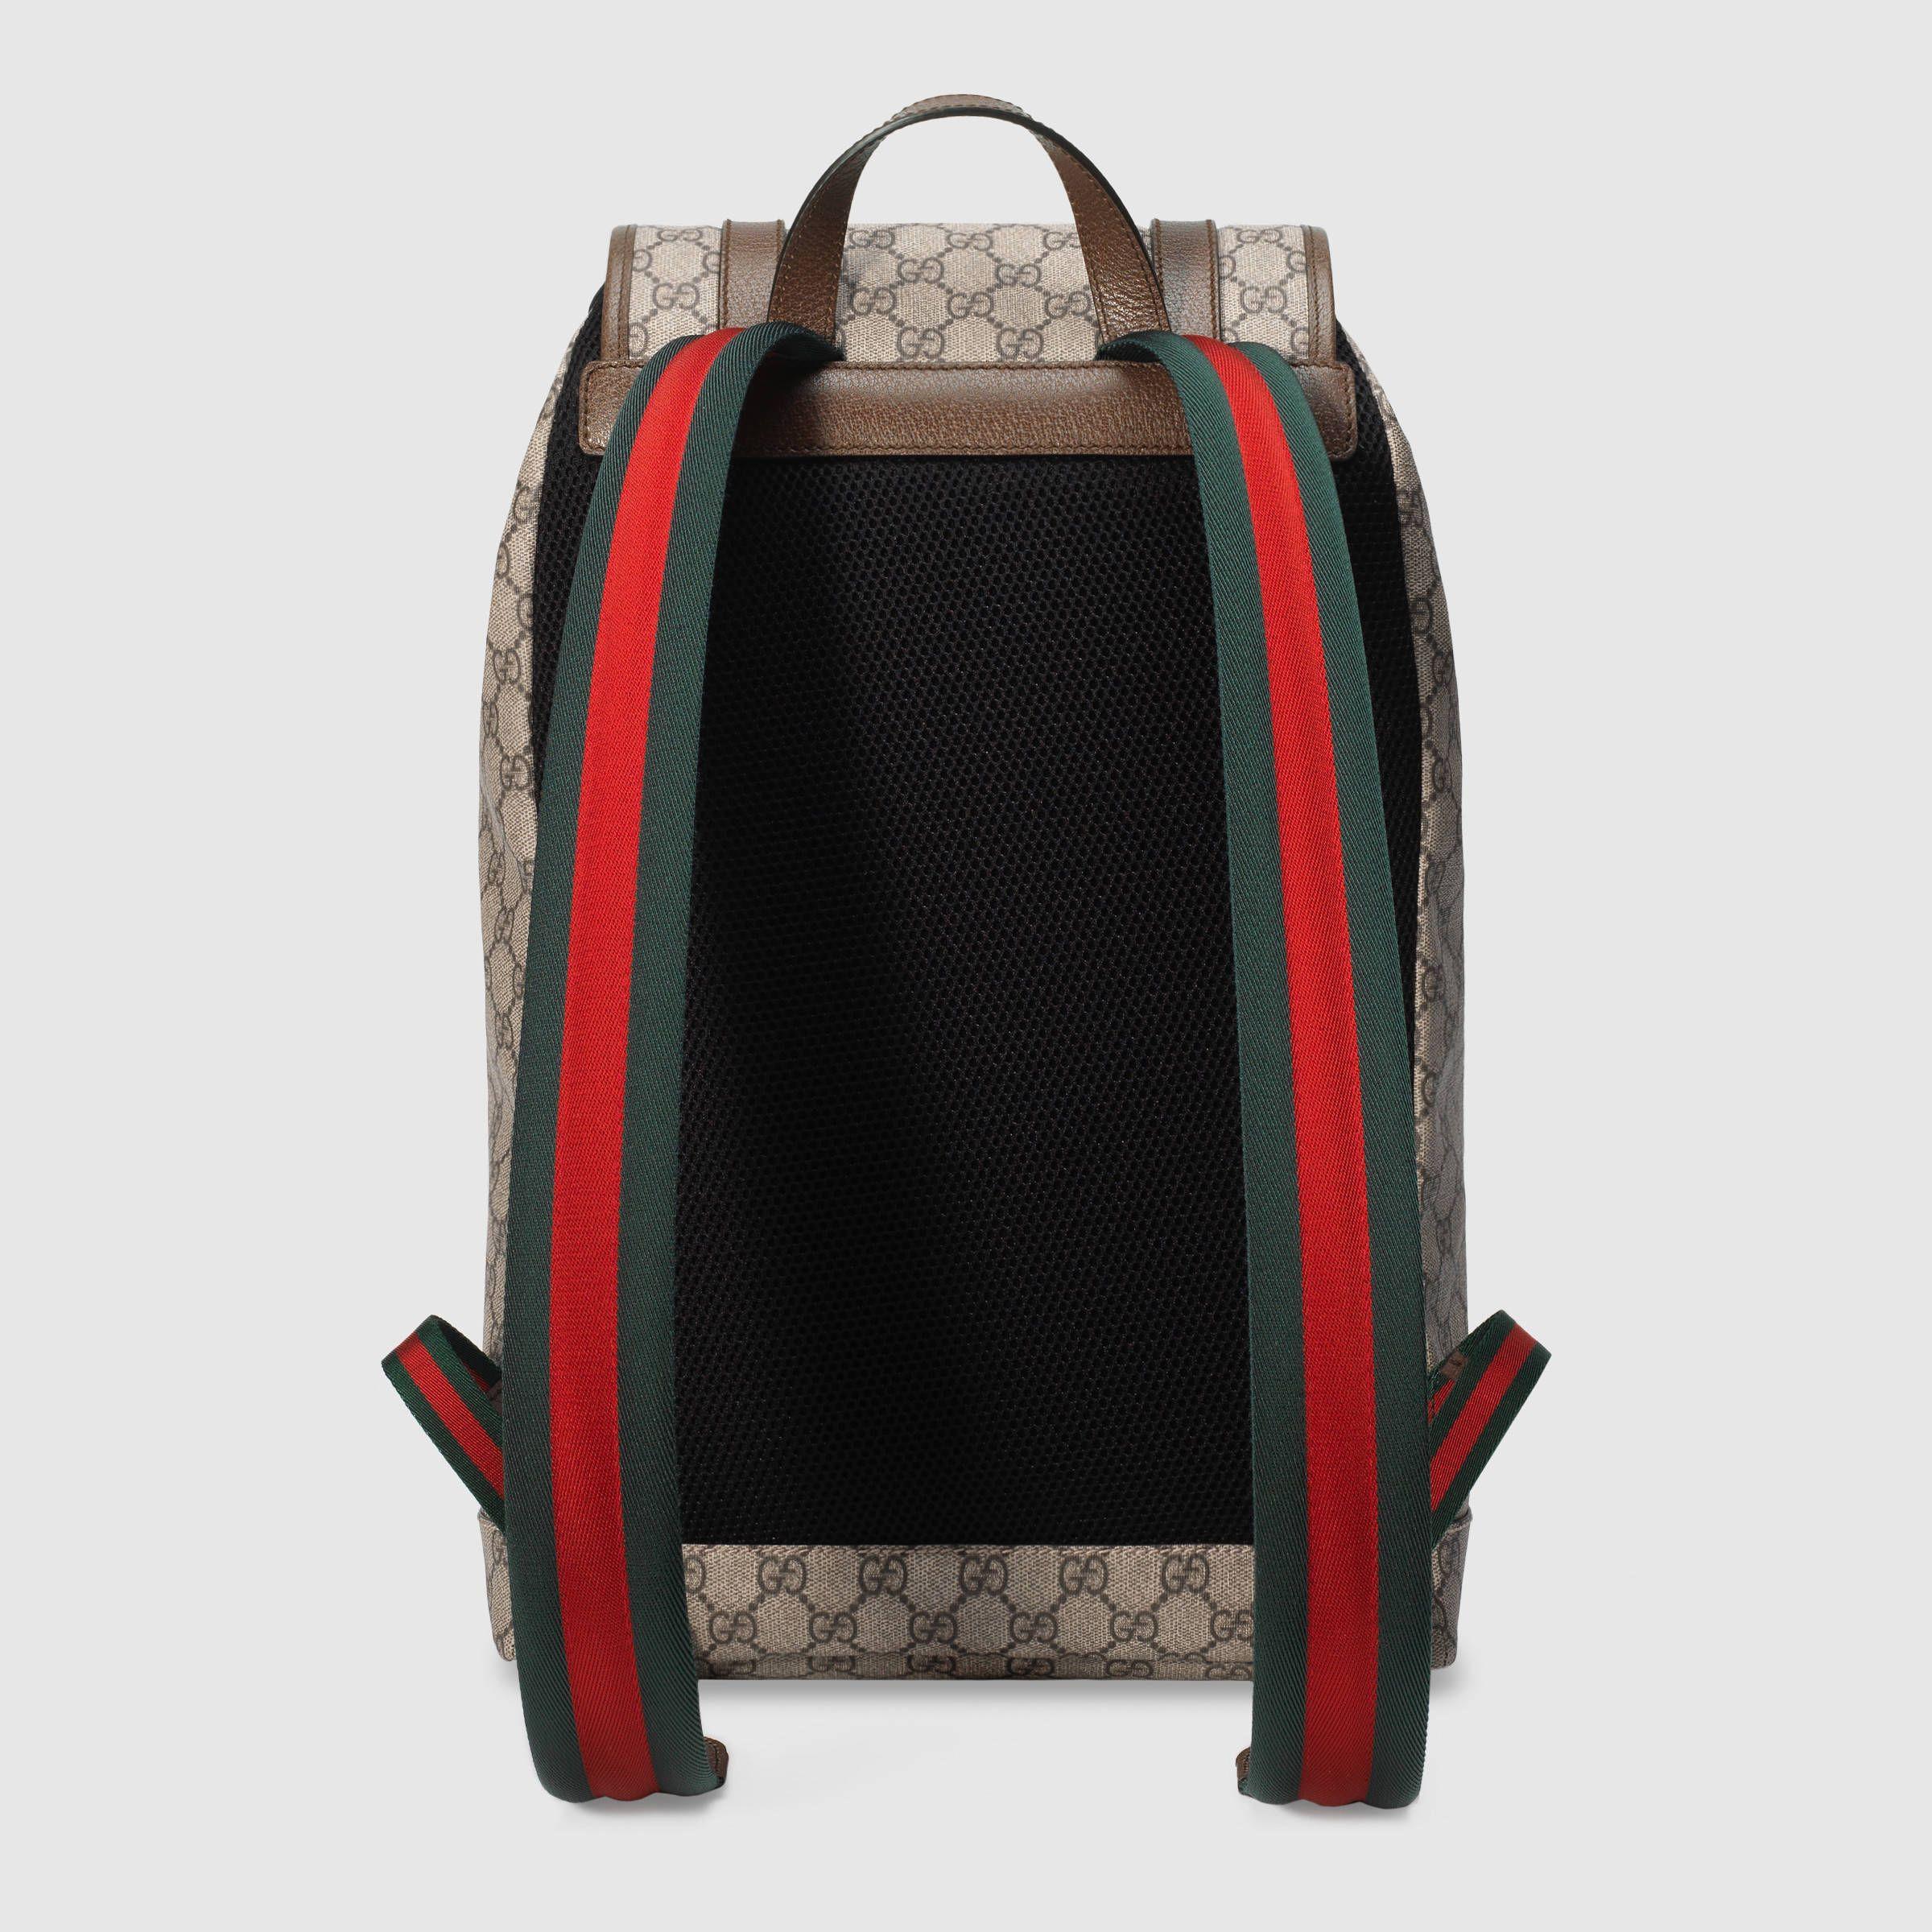 cd6b057c30d Soft GG Supreme backpack in 2018   backpacks   Pinterest   Backpacks ...